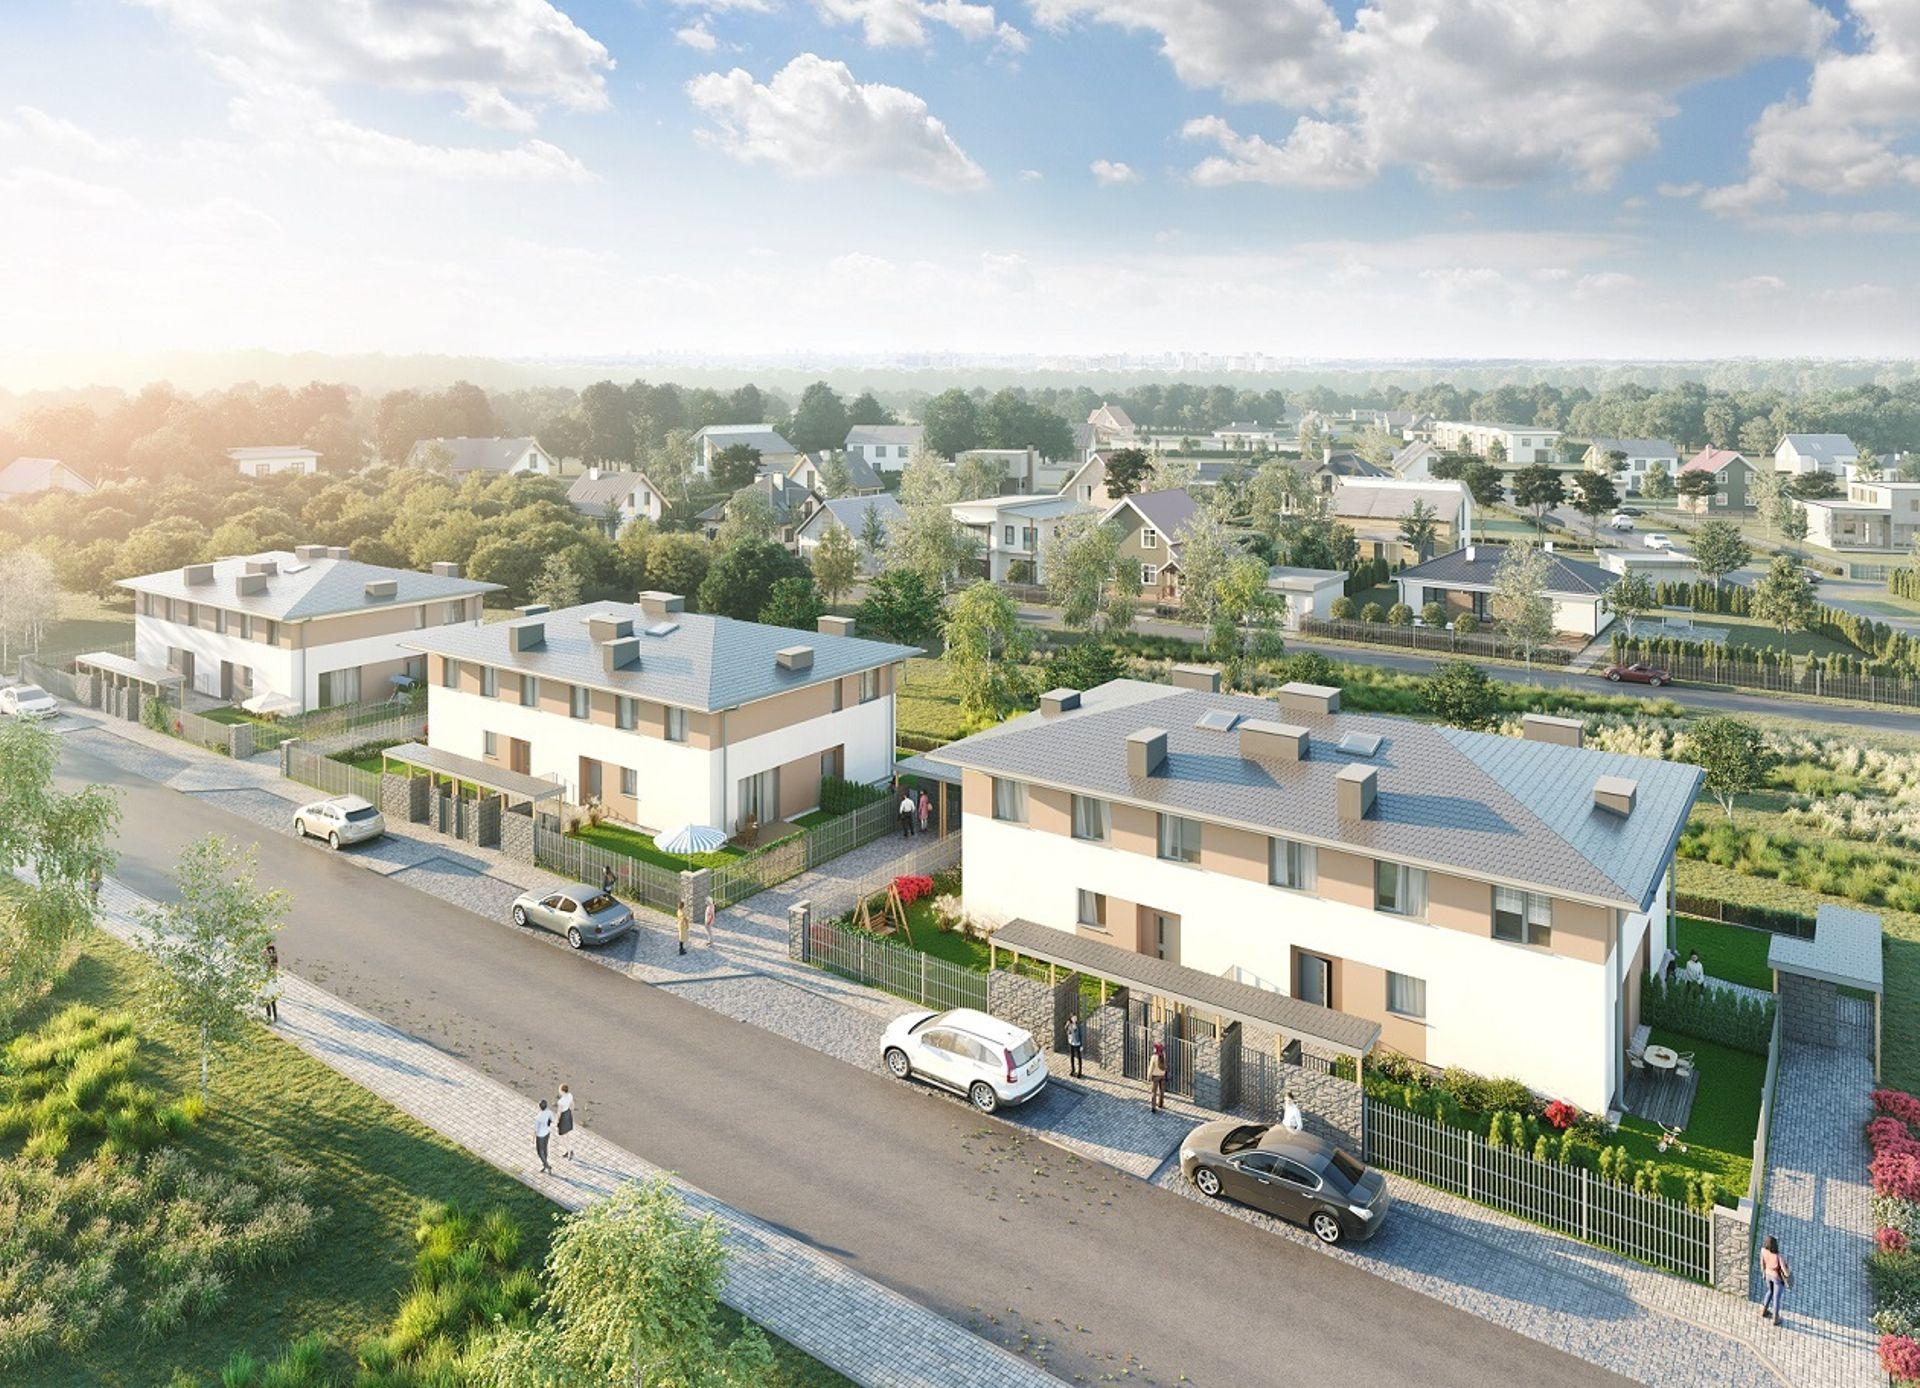 [mazowieckie] Mieszkania na osiedlu Idea Ogrody w Radomiu w sprzedaży